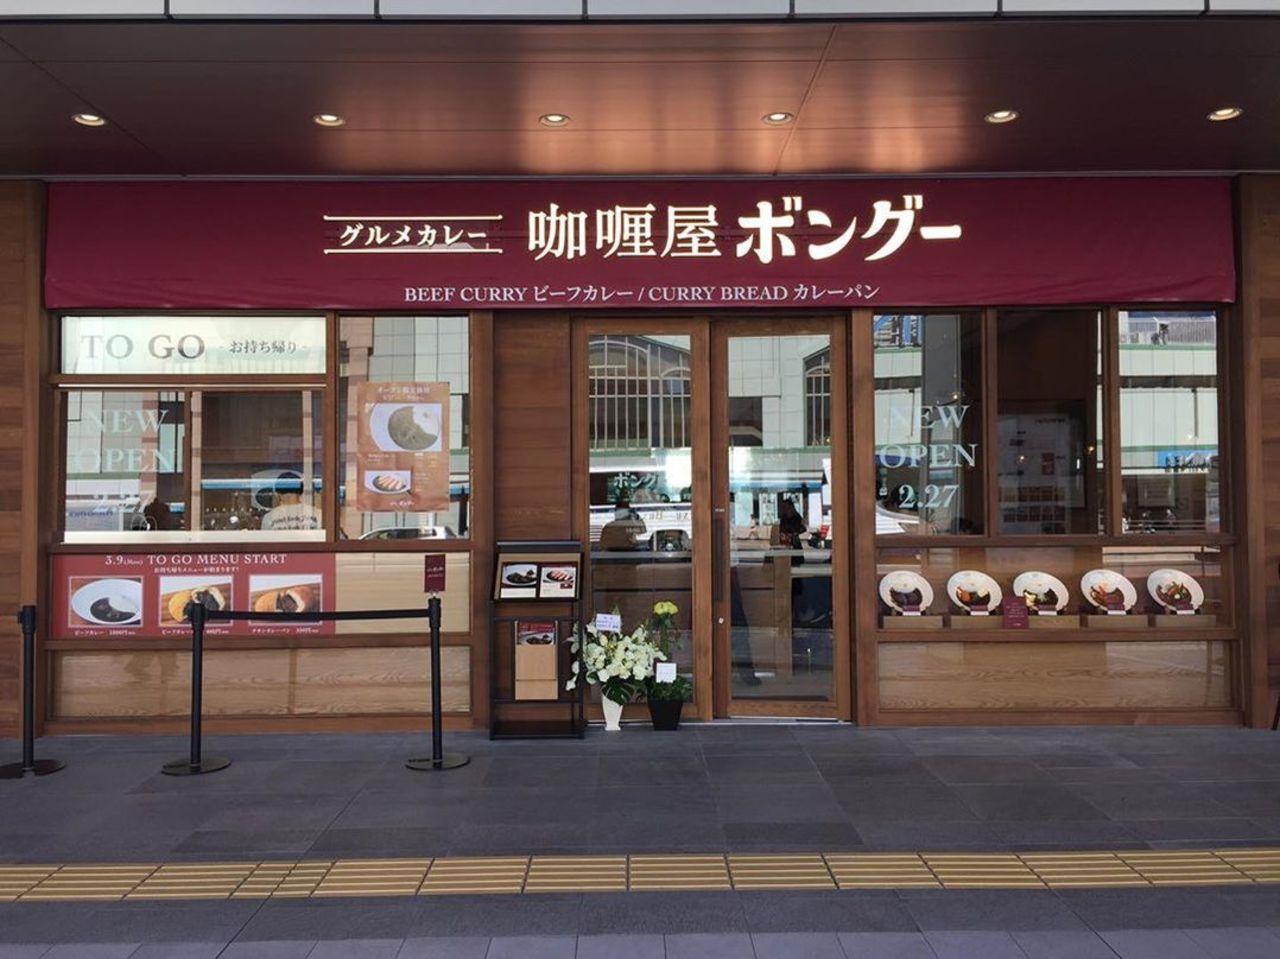 祝!2/27open『咖喱屋ボングー』グルメカレー店(東京都新宿区)